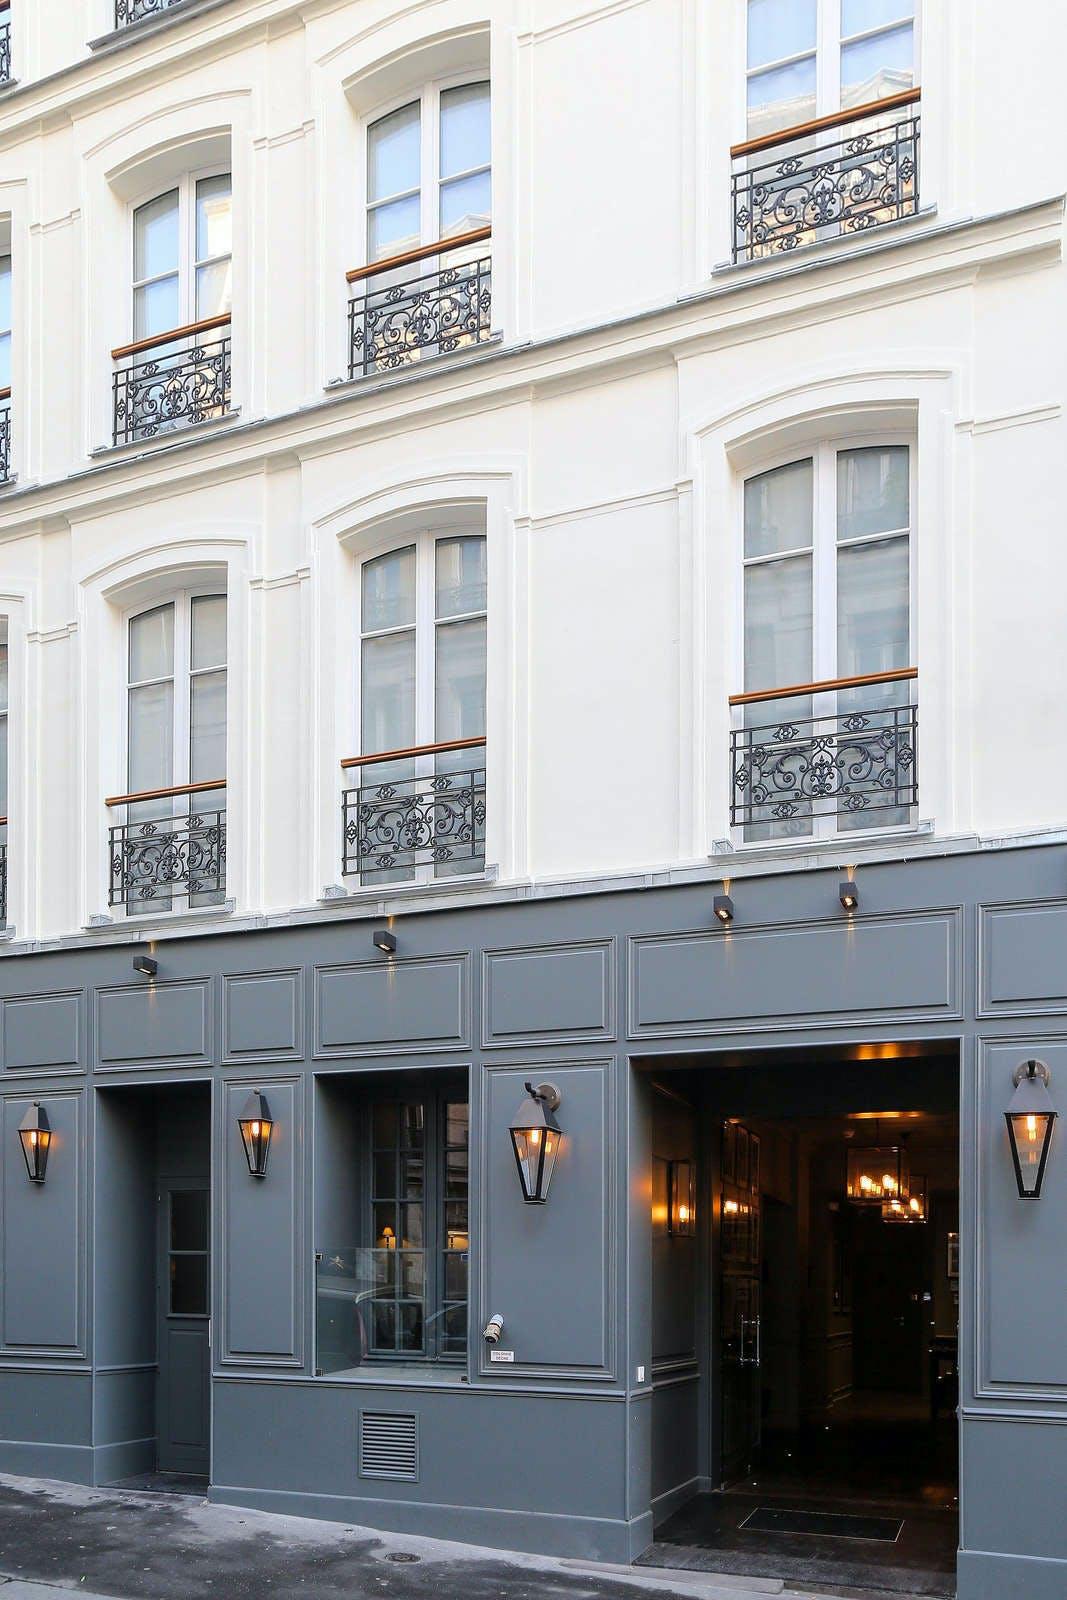 Hotel Saint-Louis Pigalle